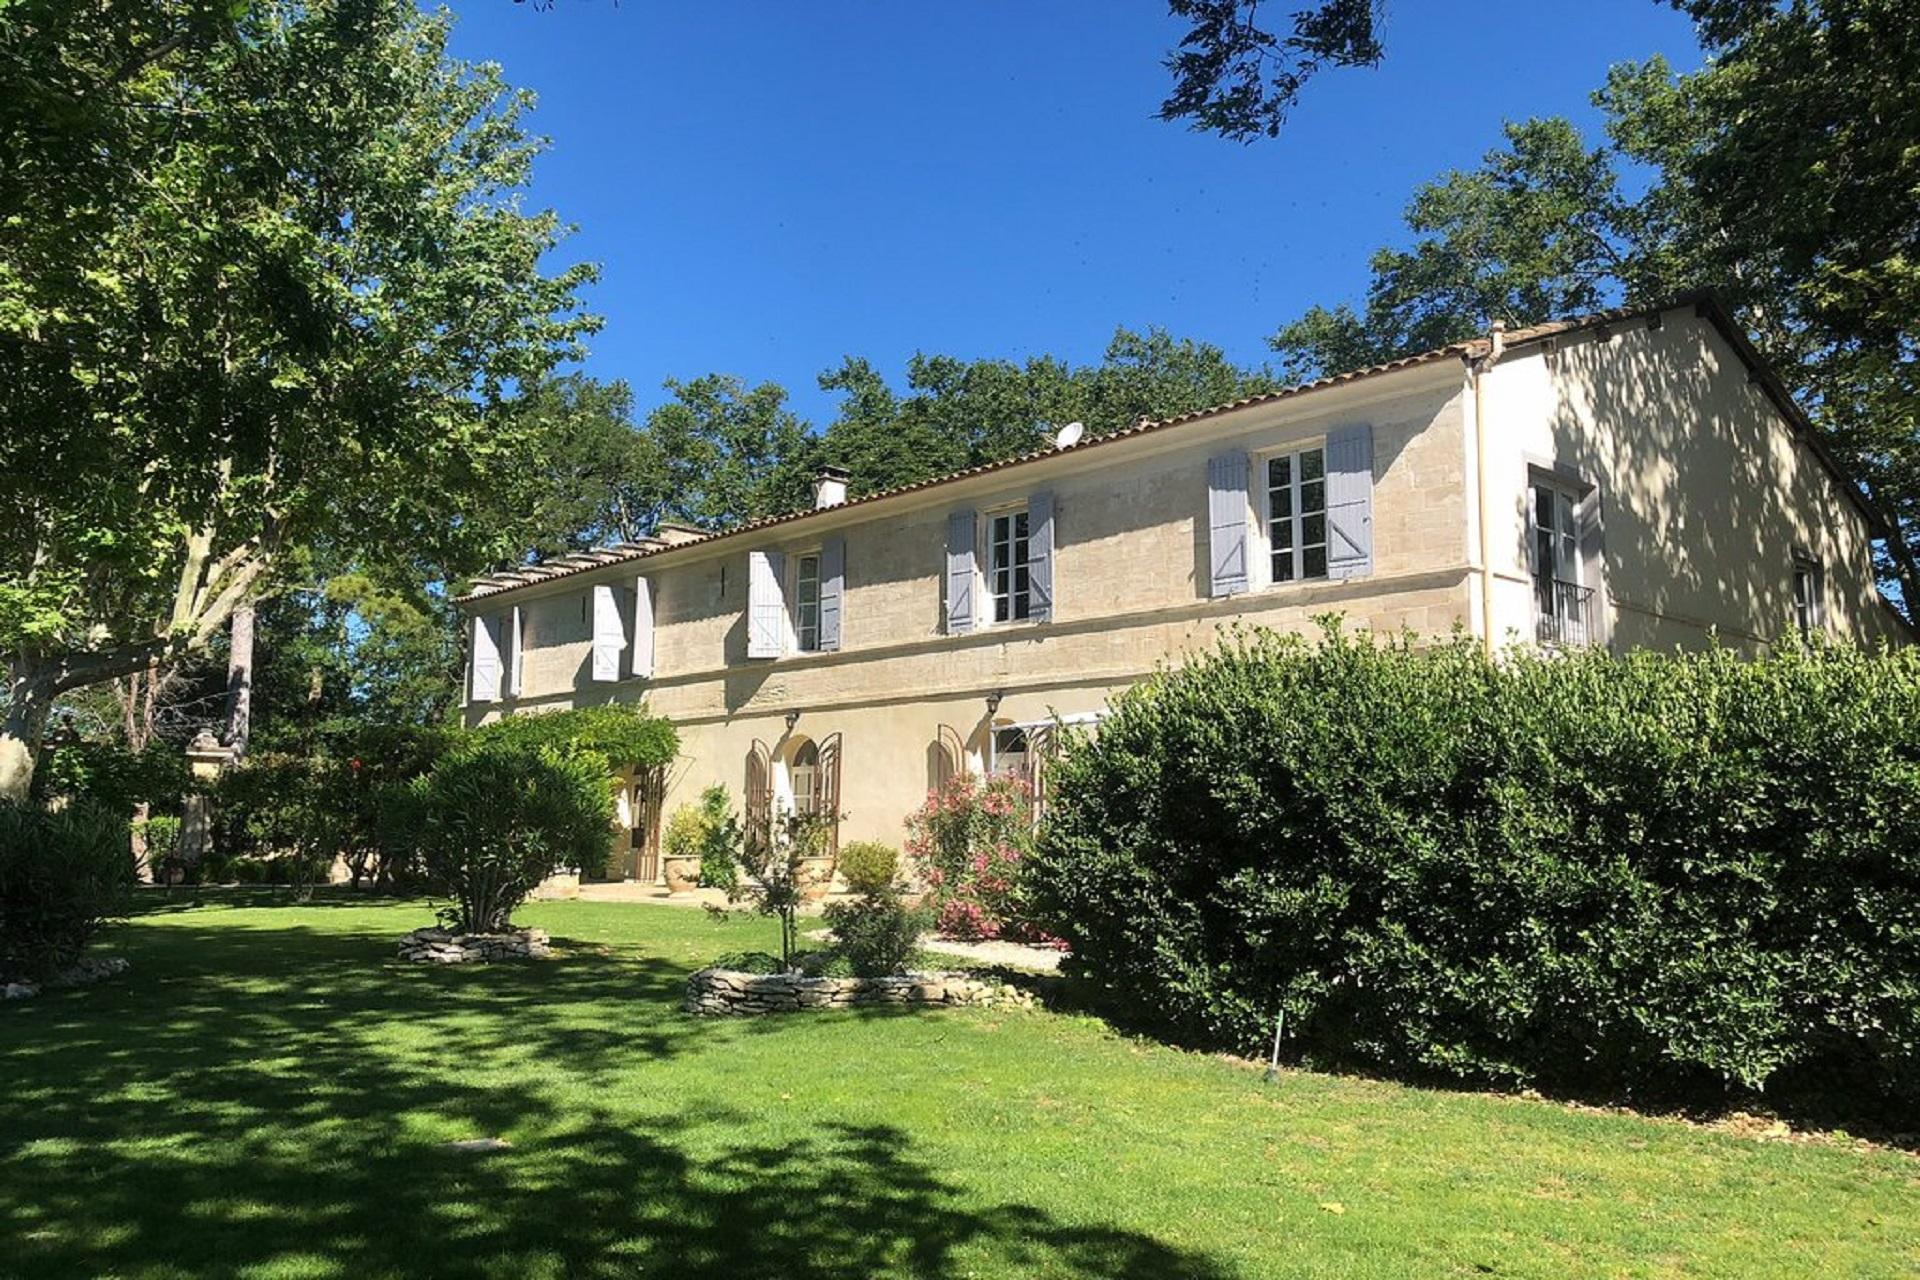 mas-de-capelou-avignon-vaucluse-provence-demeure-jardins-seminaires-de-caractere